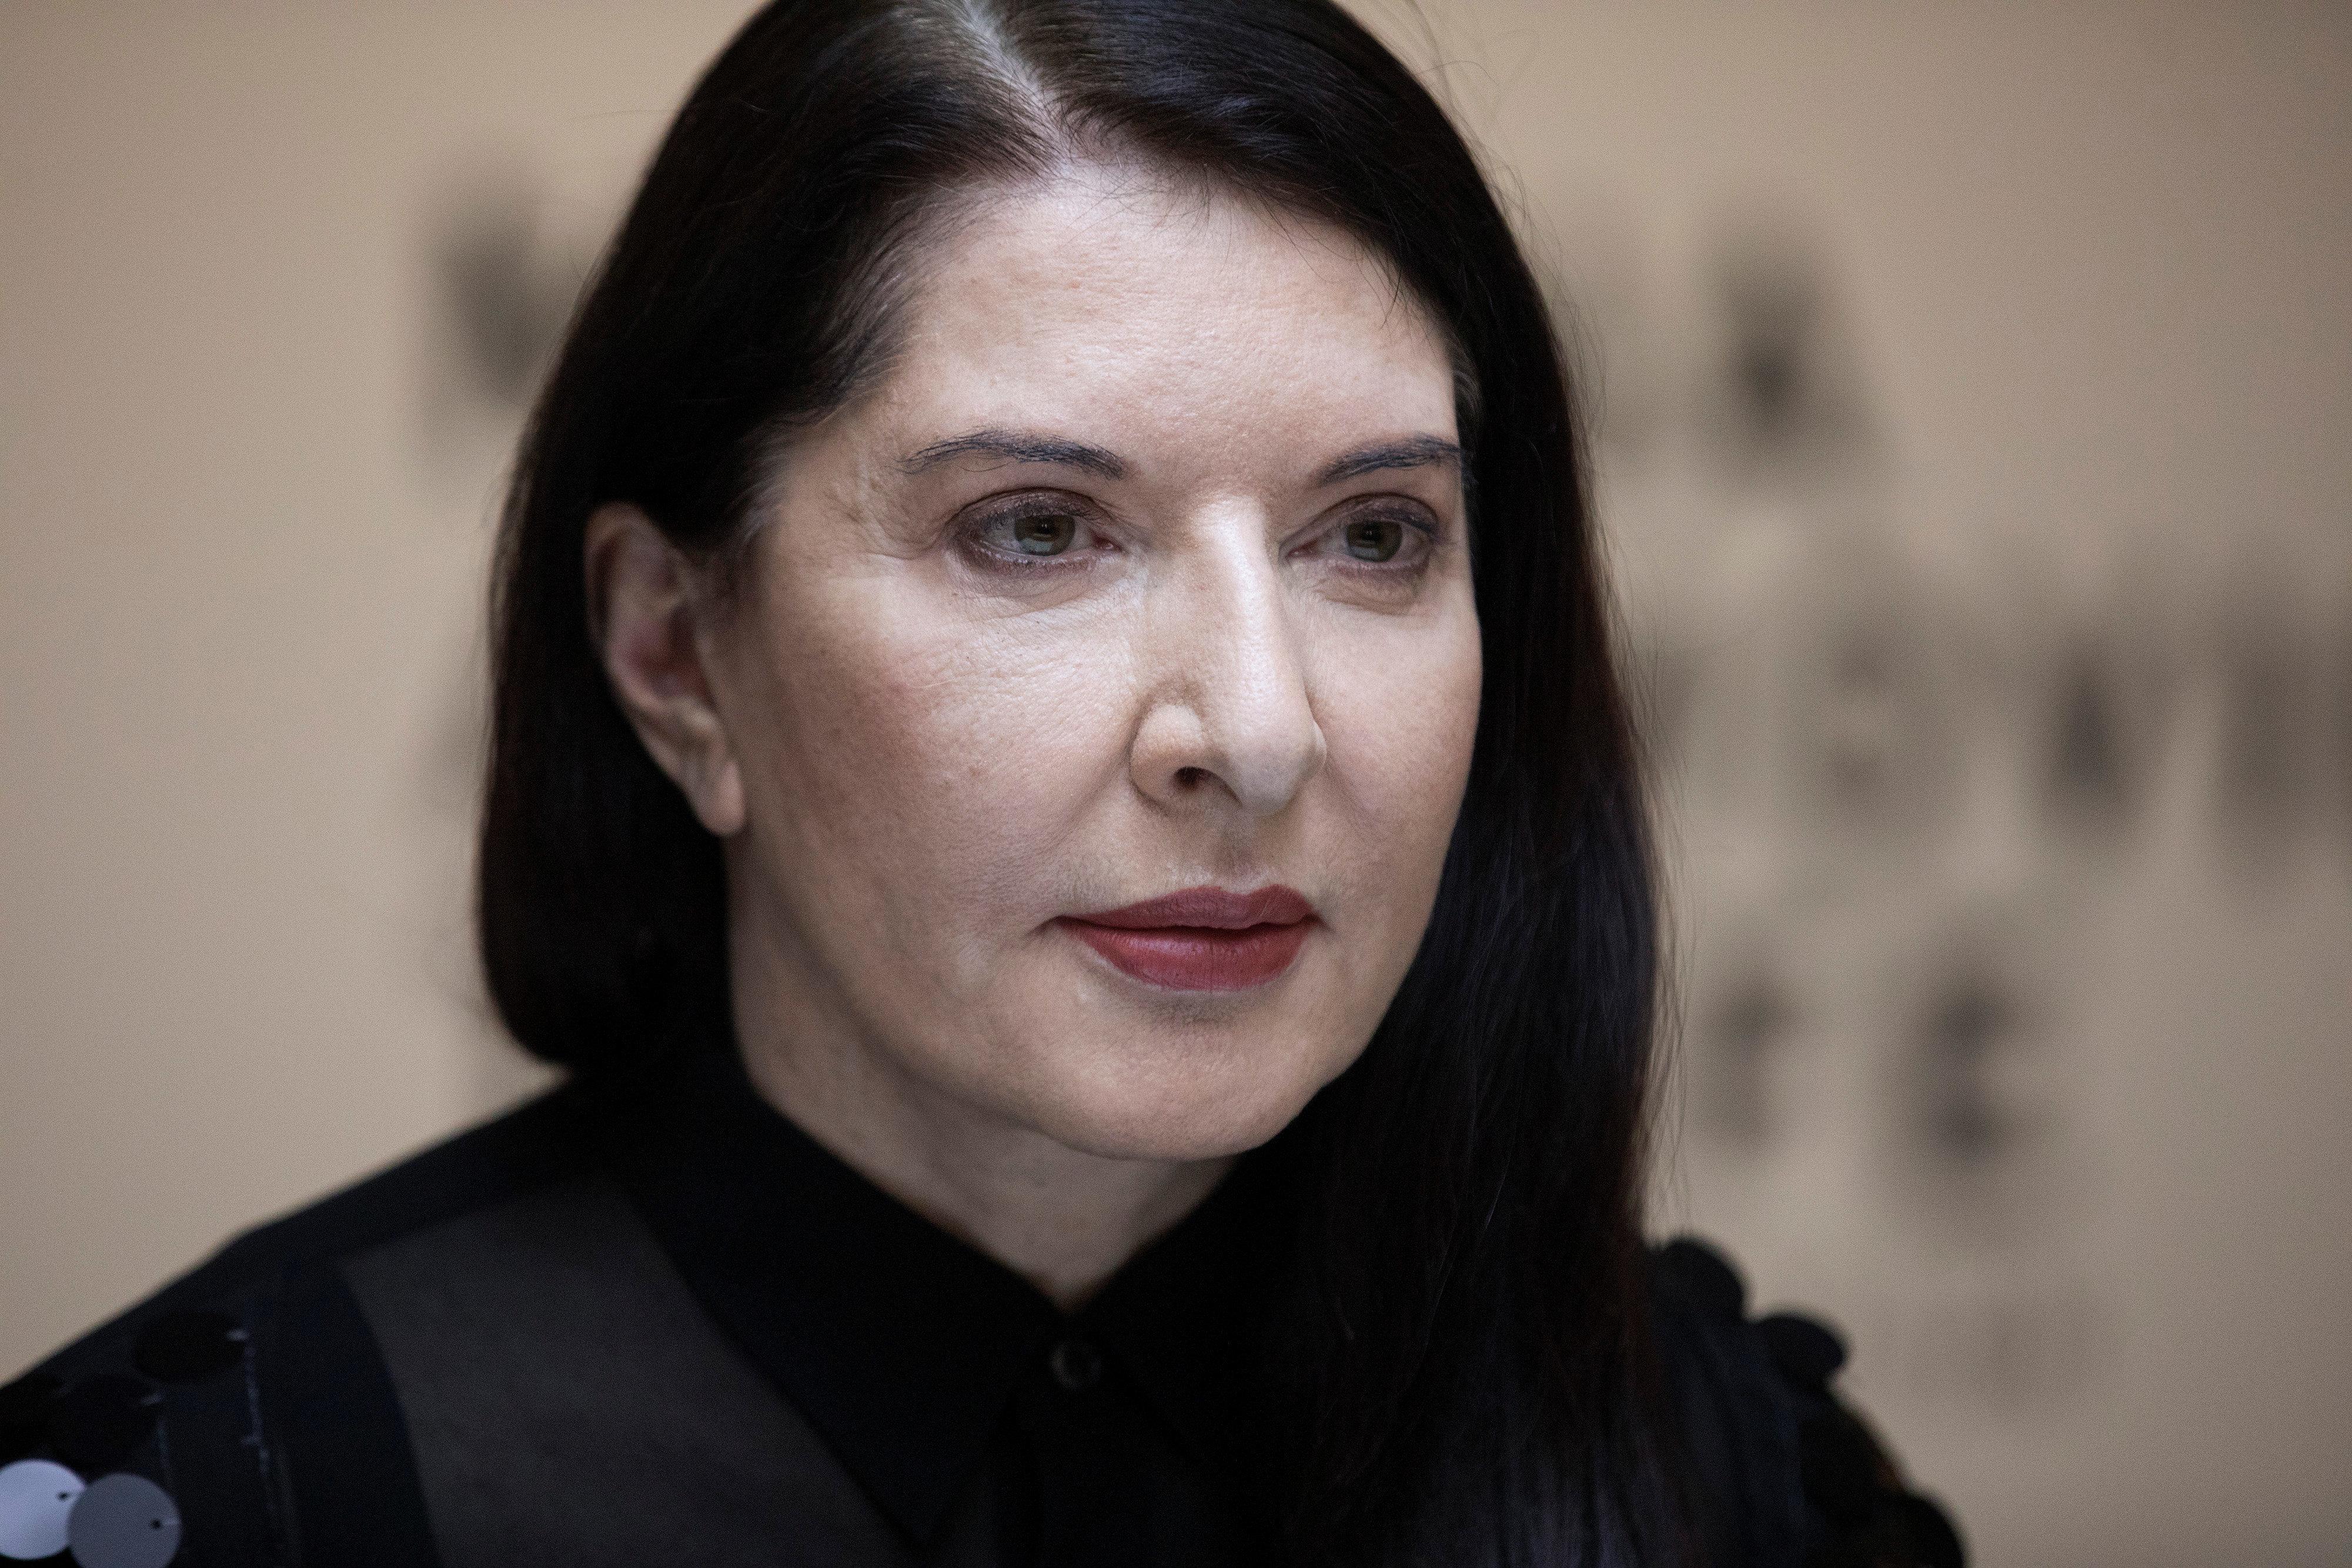 Πολωνοί καθολικοί εναντίον Μαρίνα Αμπράμοβιτς για «σατανιστική